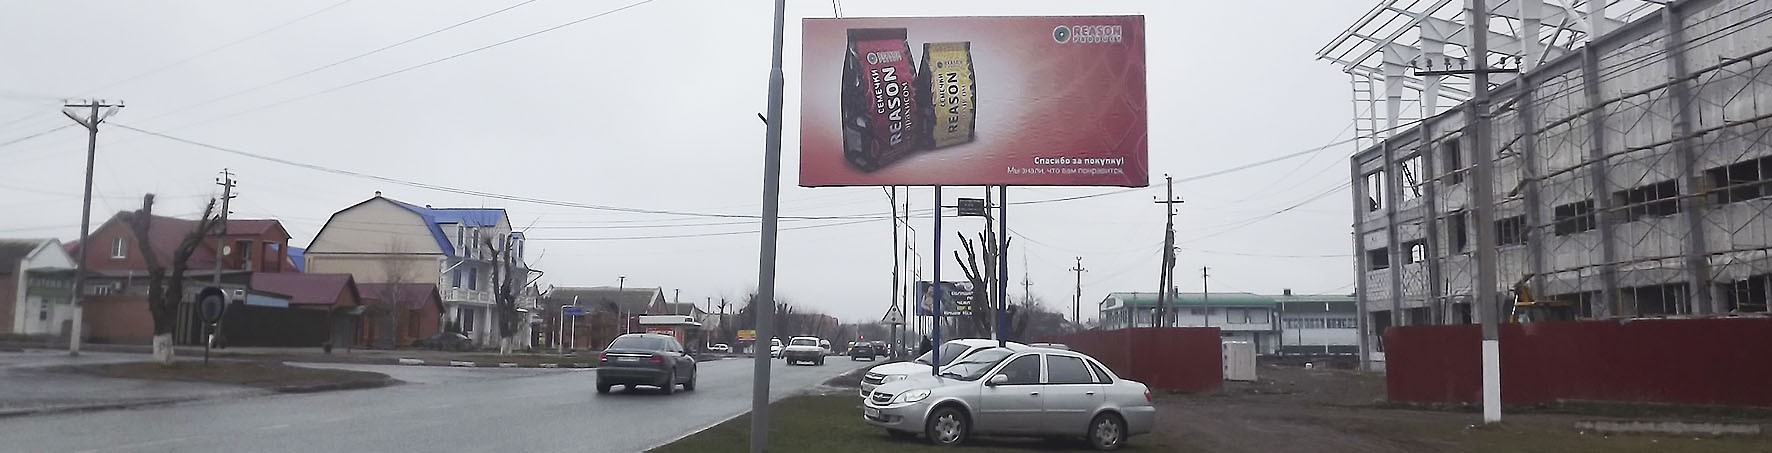 Наружная реклама в Назрани фото